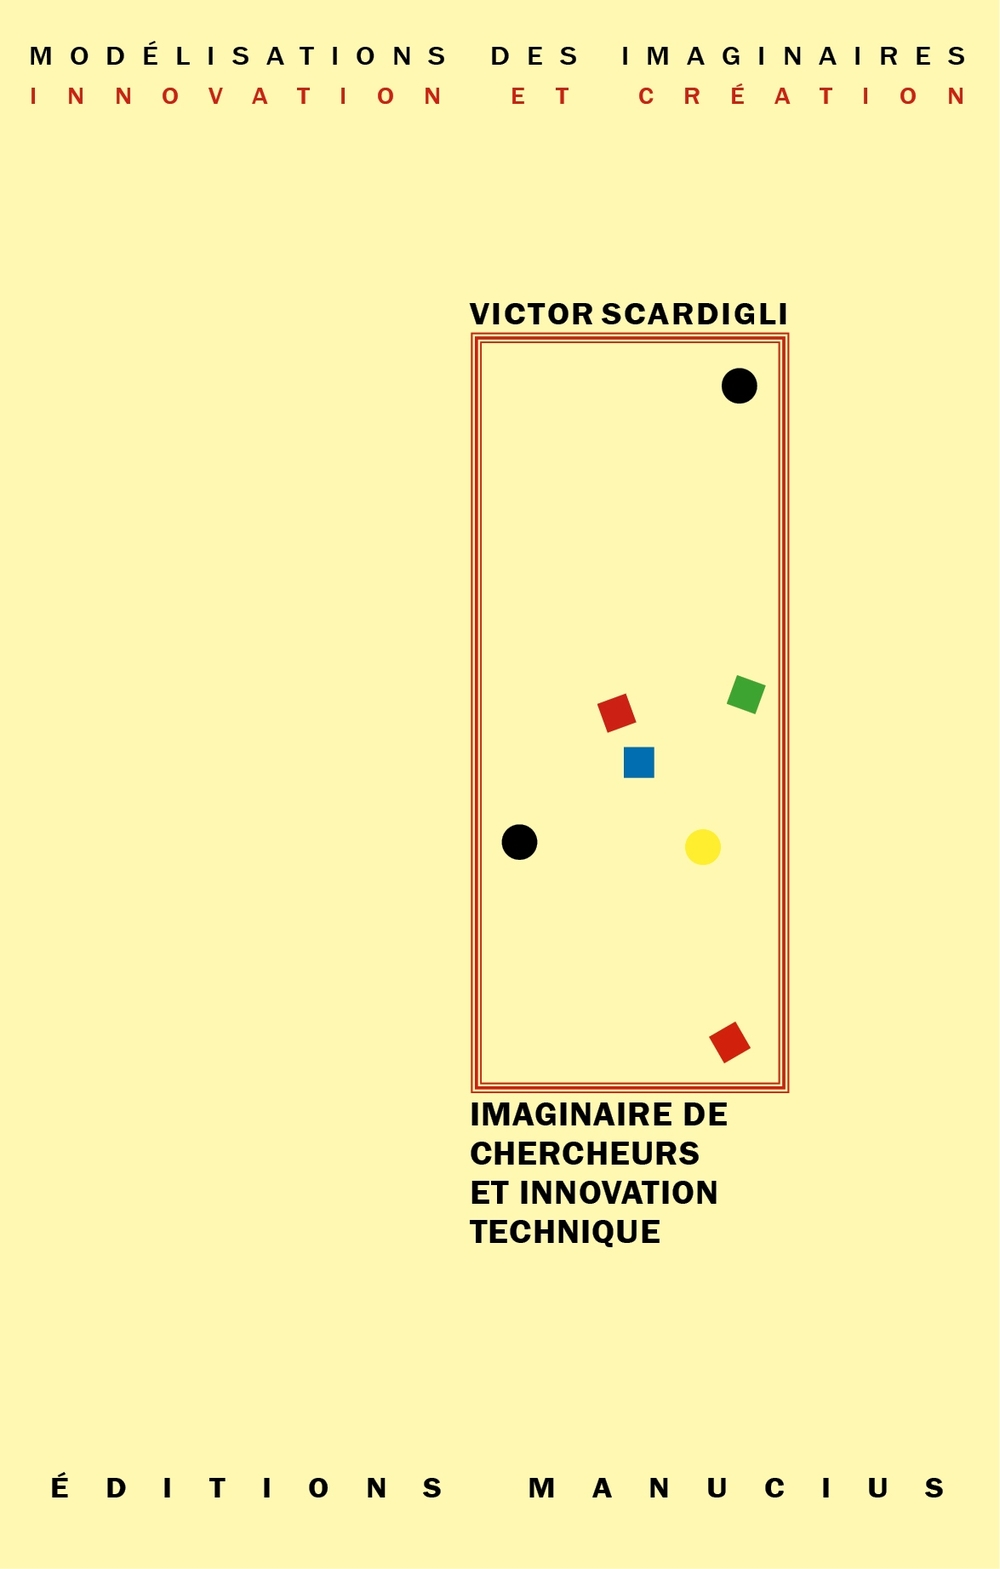 Imaginaire de chercheurs et innovation technique